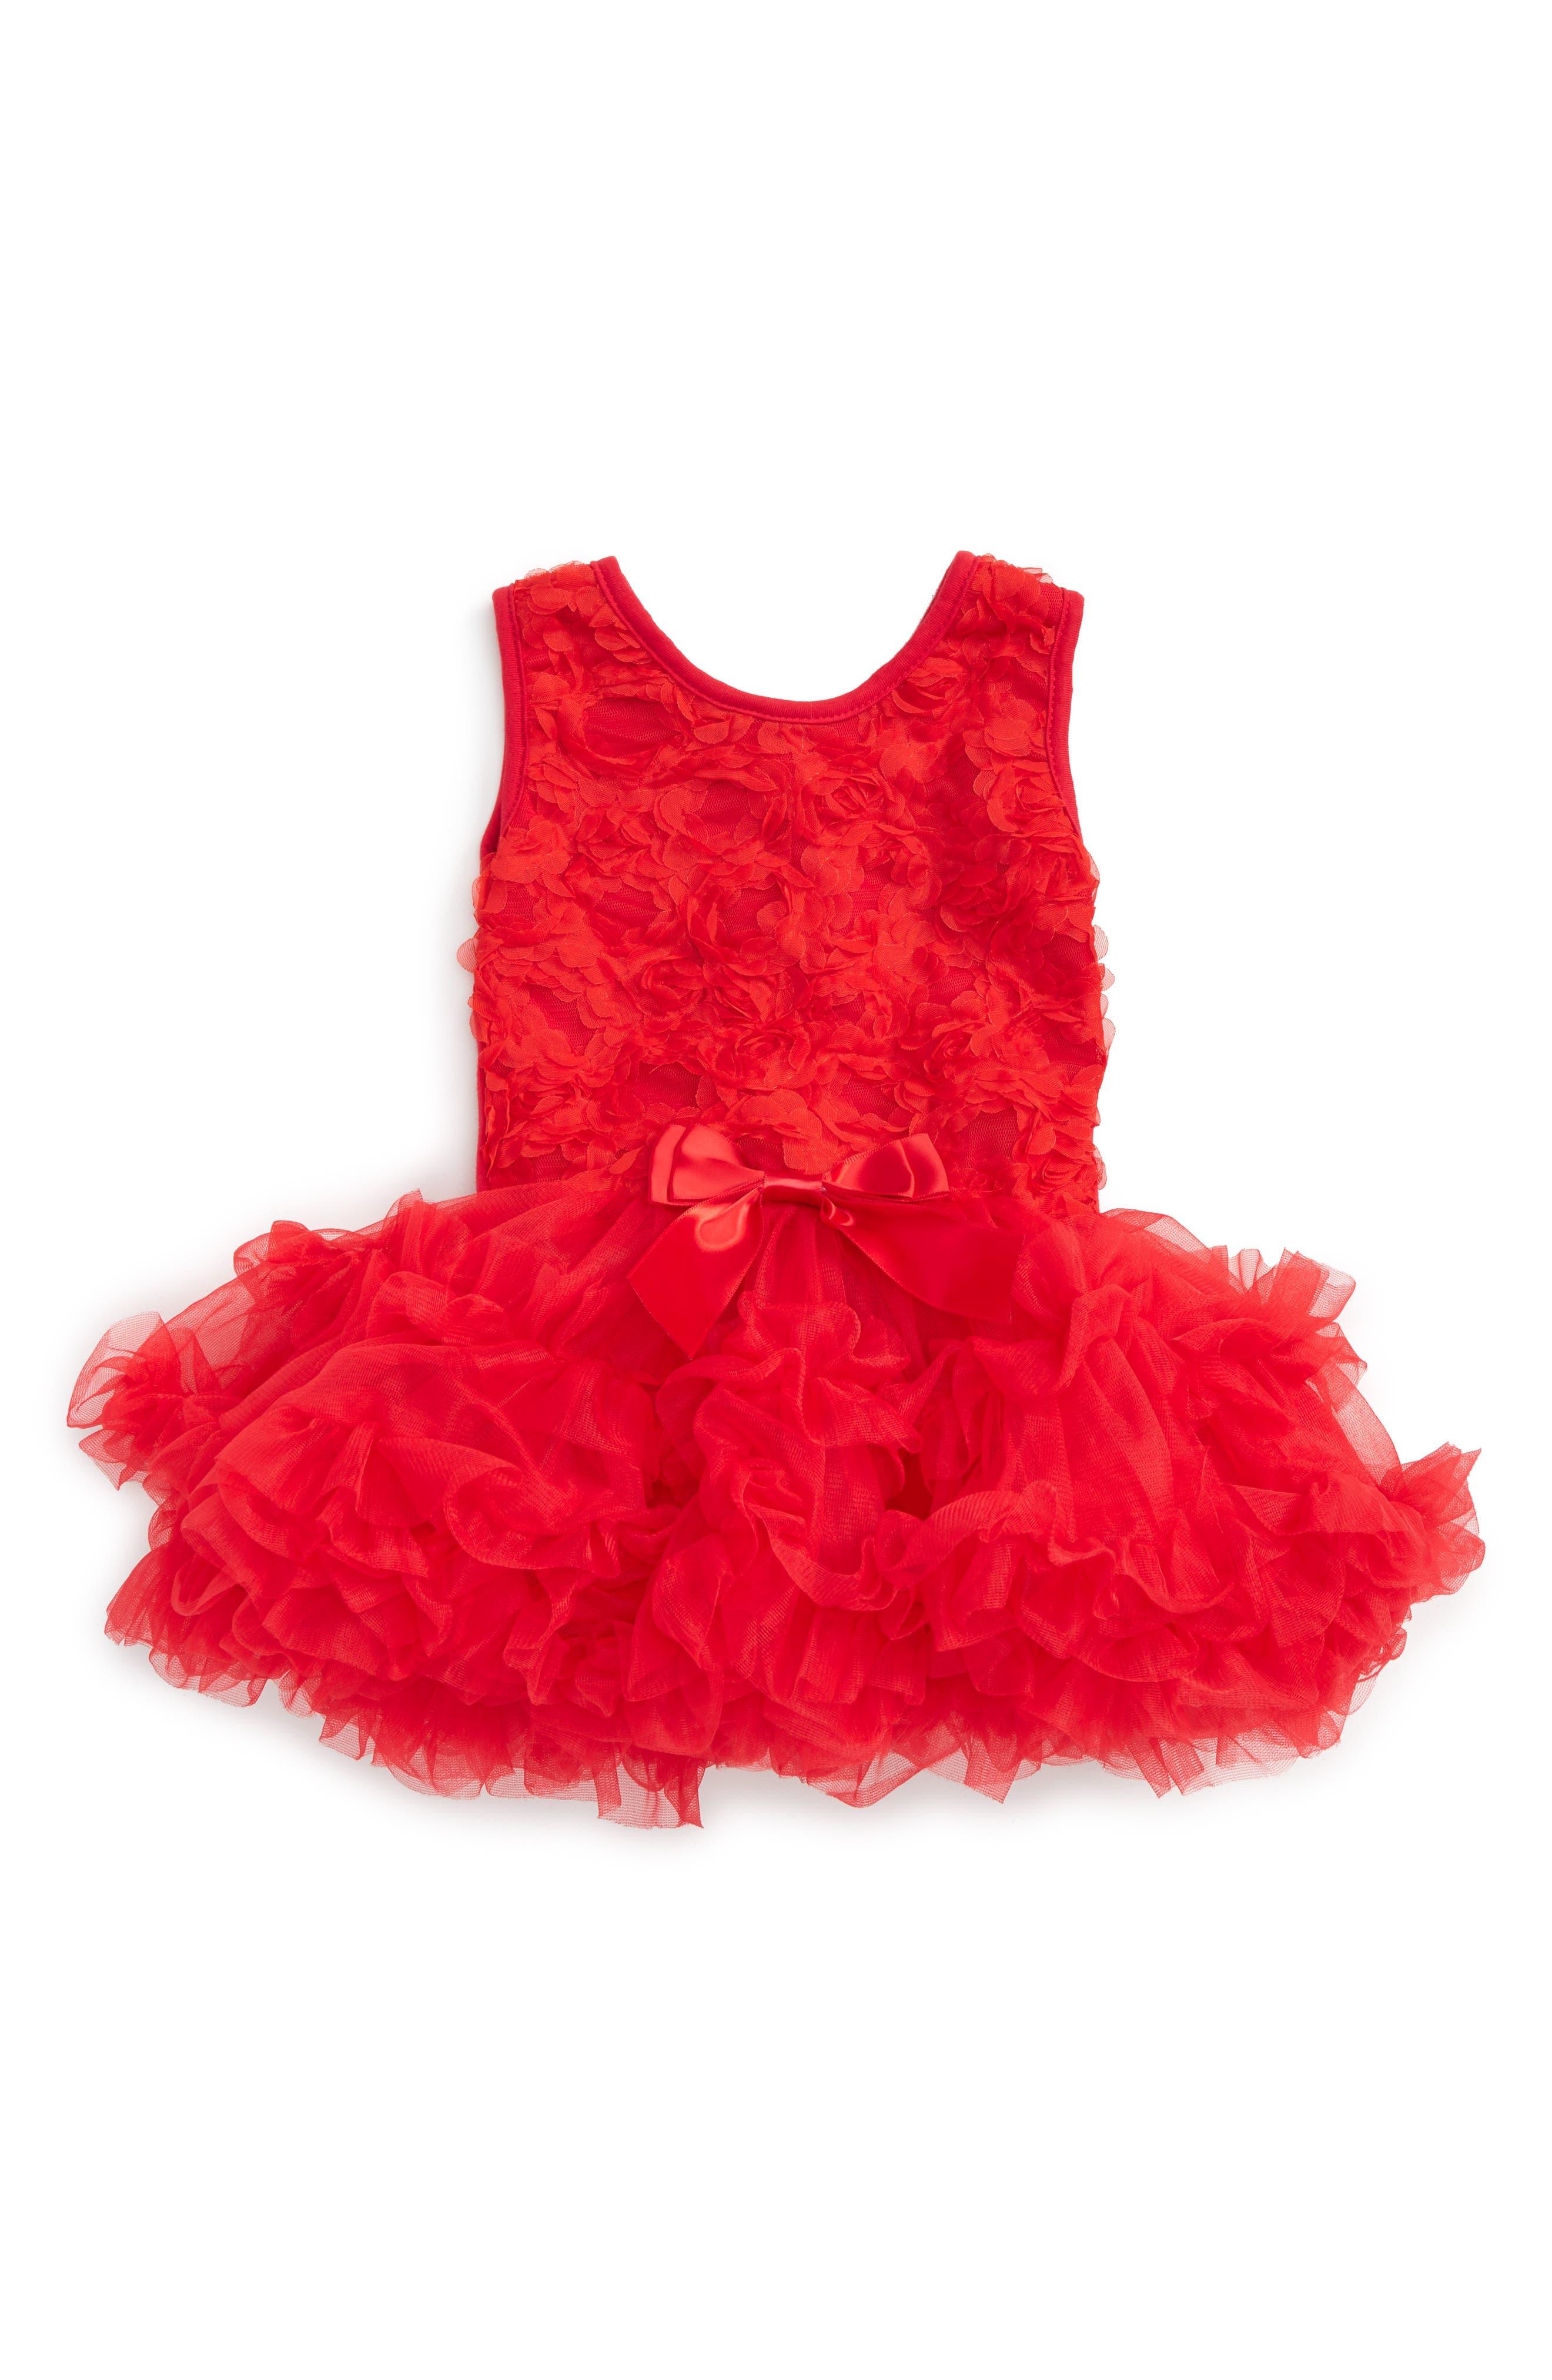 Rosette Tutu Dress,                             Alternate thumbnail 2, color,                             600